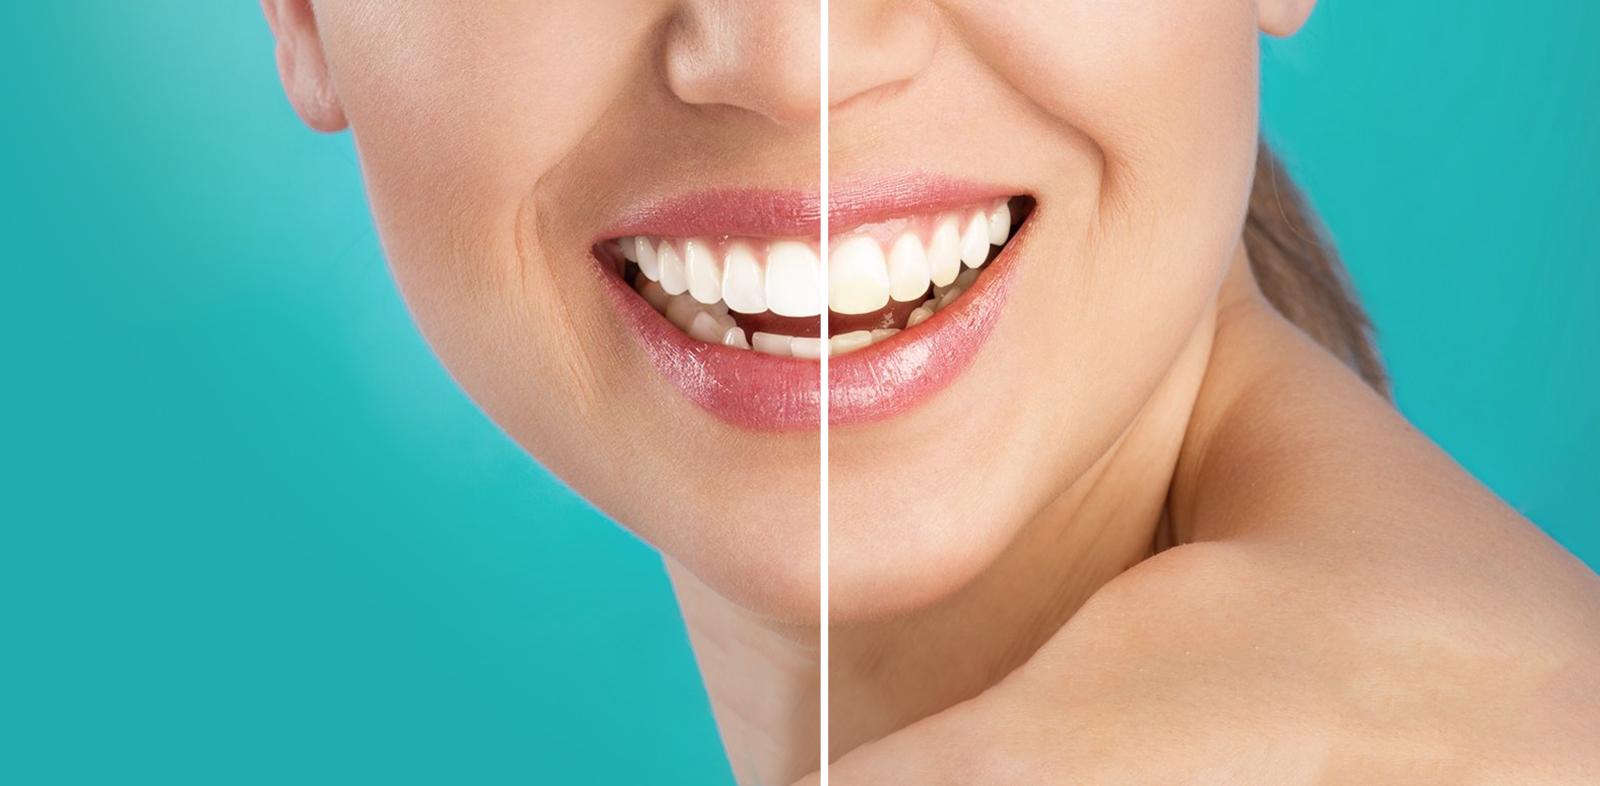 Clareamento dental: 7 vantagens de ir a uma clínica especializada